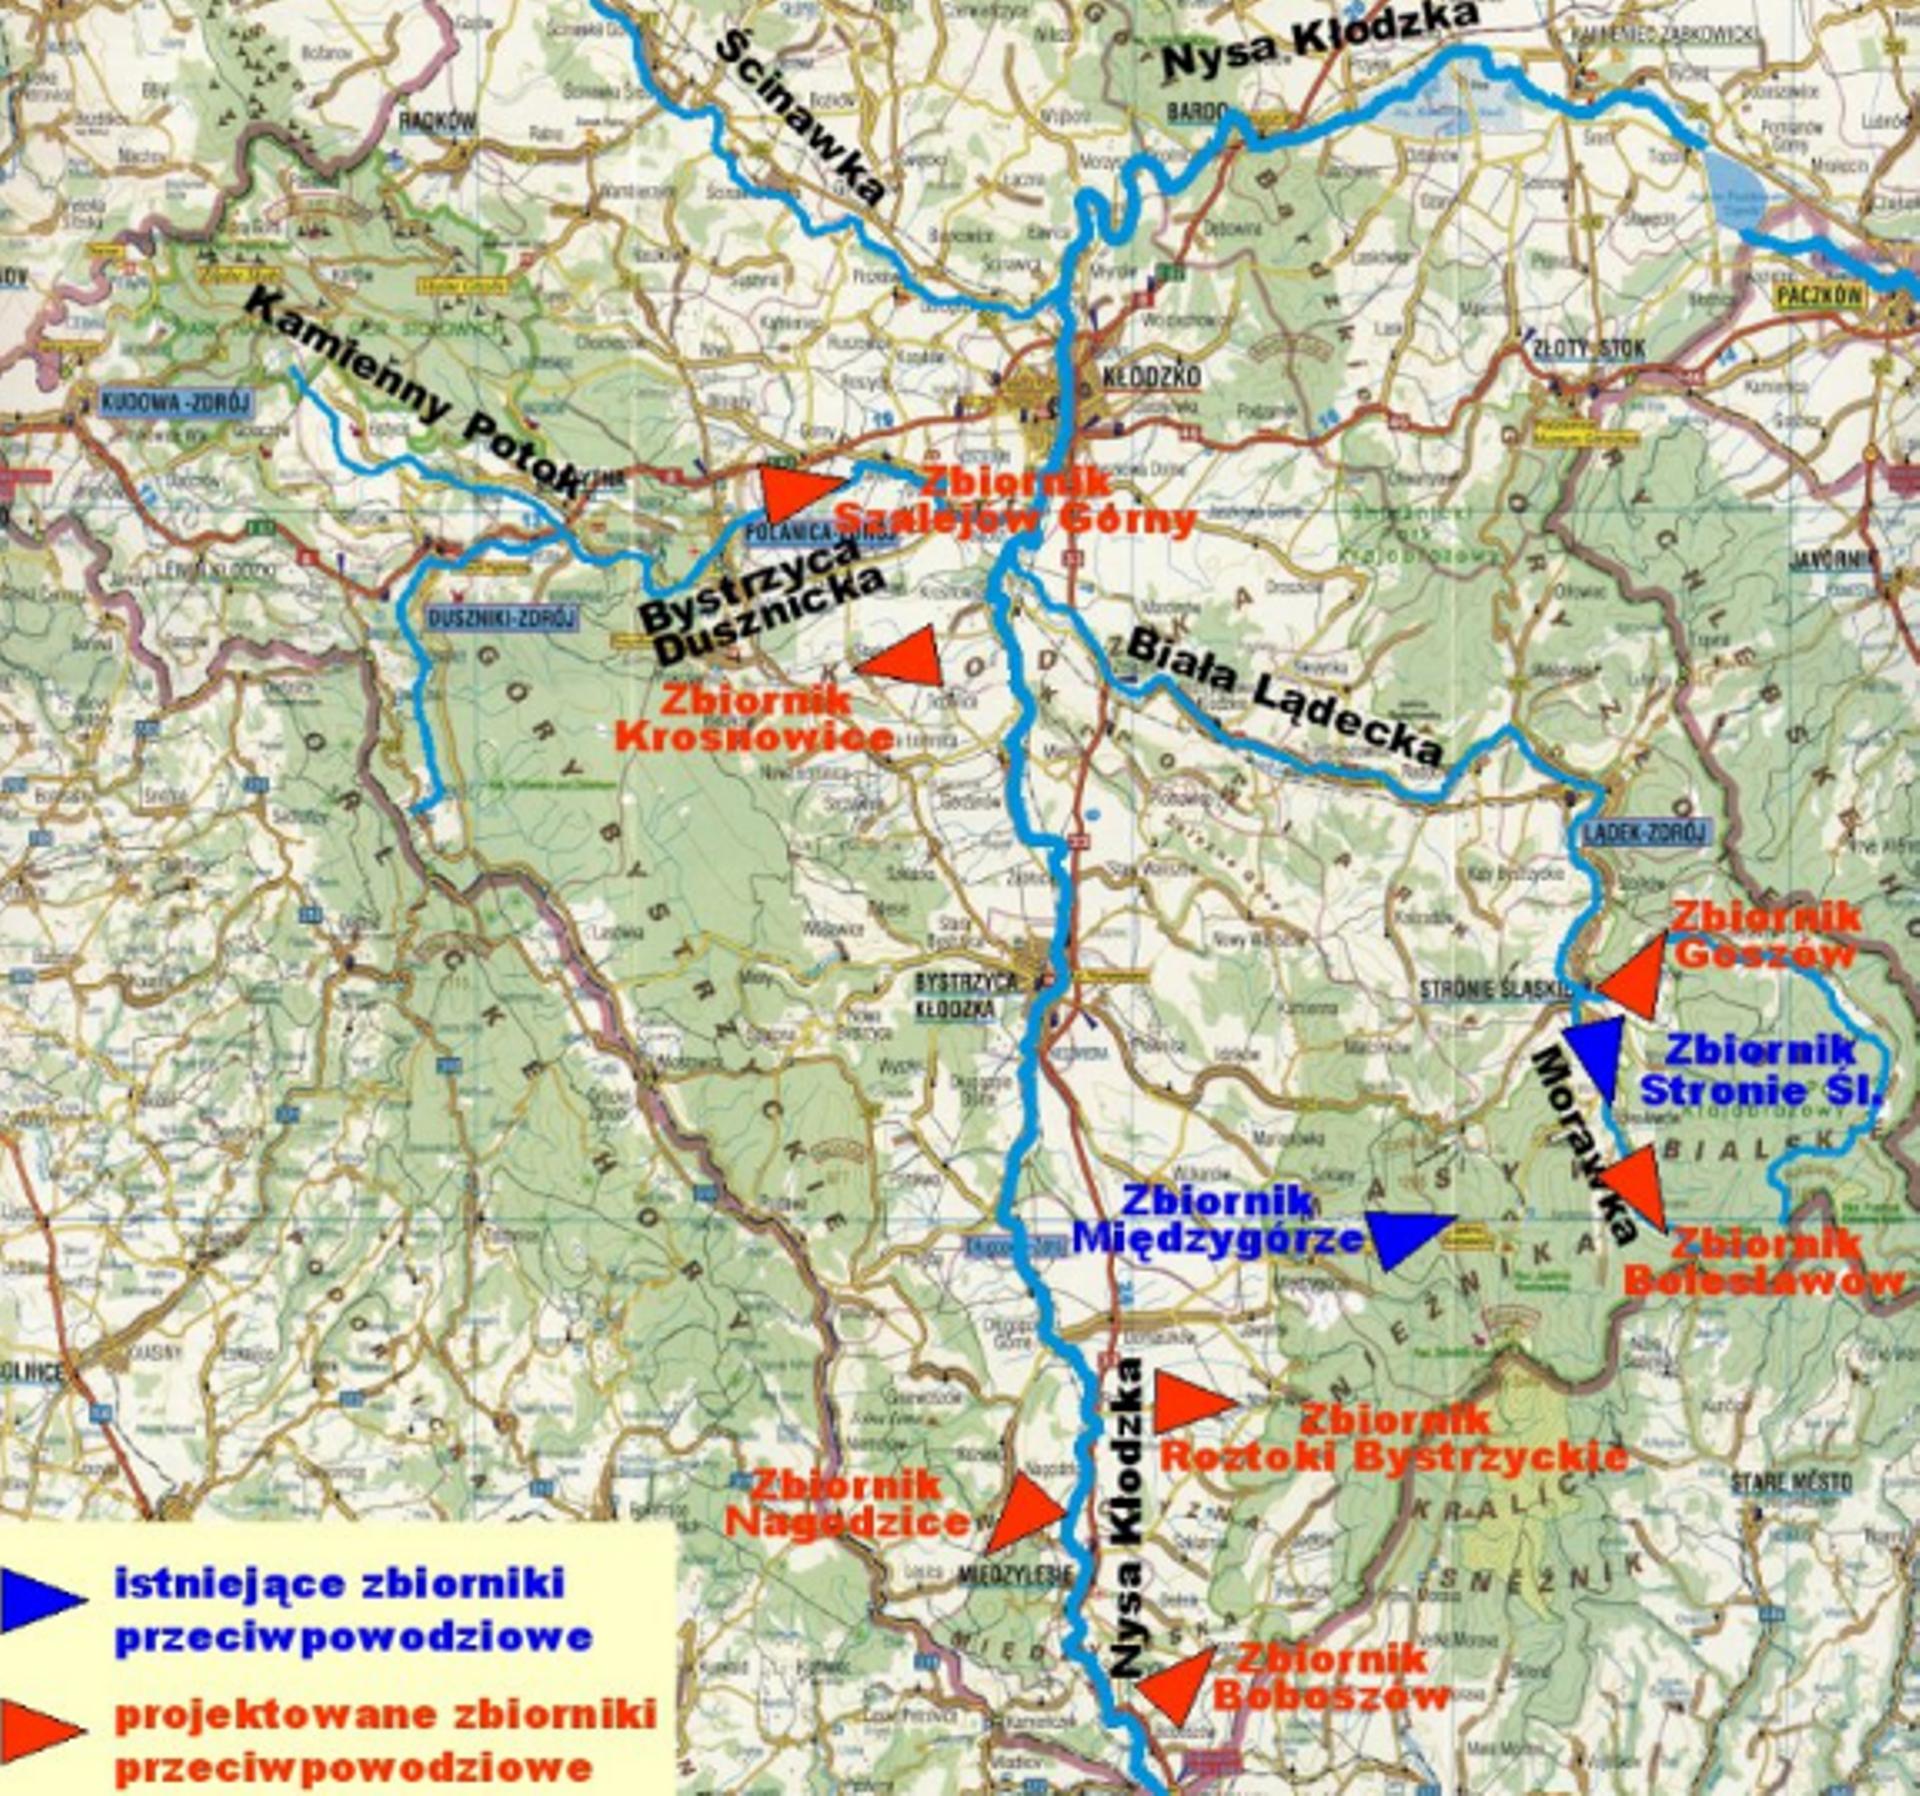 Dolny Śląsk: Chiński gigant budowlany wybuduje dwa zbiorniki przeciwpowodziowe za prawie ćwierć miliarda złotych